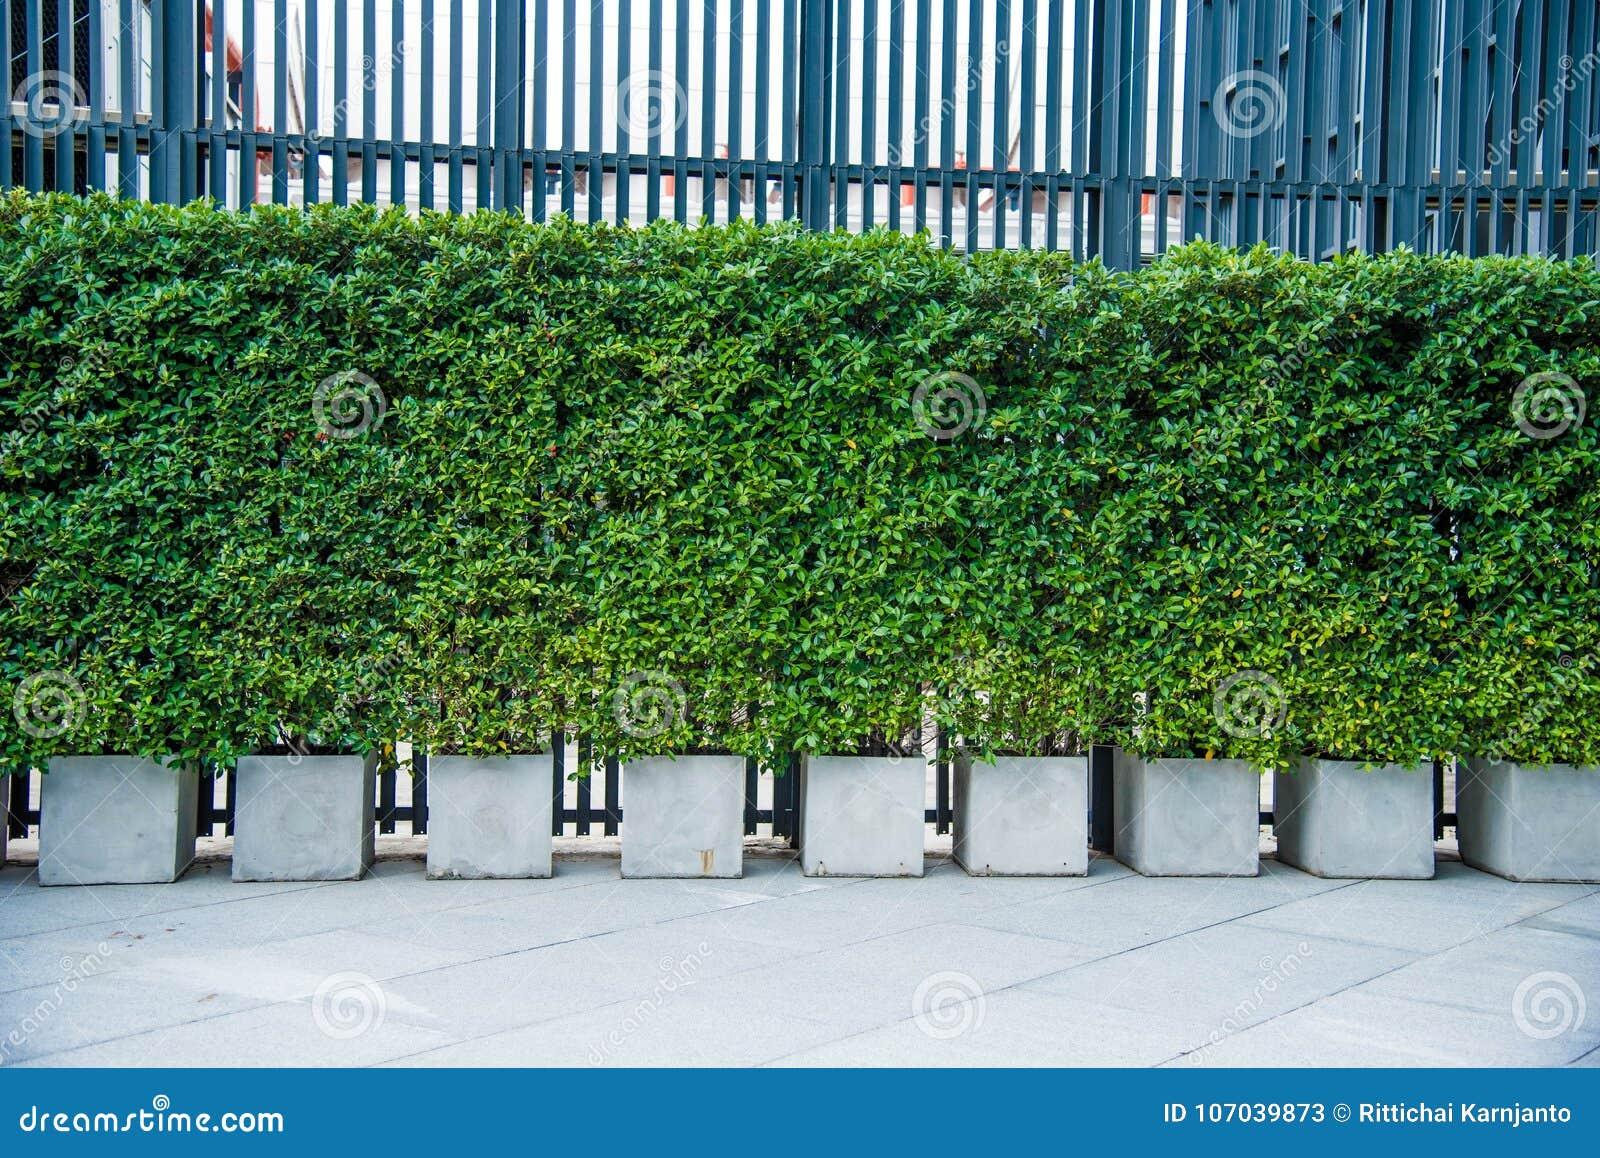 Ogrodowa dekoracja plenerowa, Zielona drzewna dekoracja